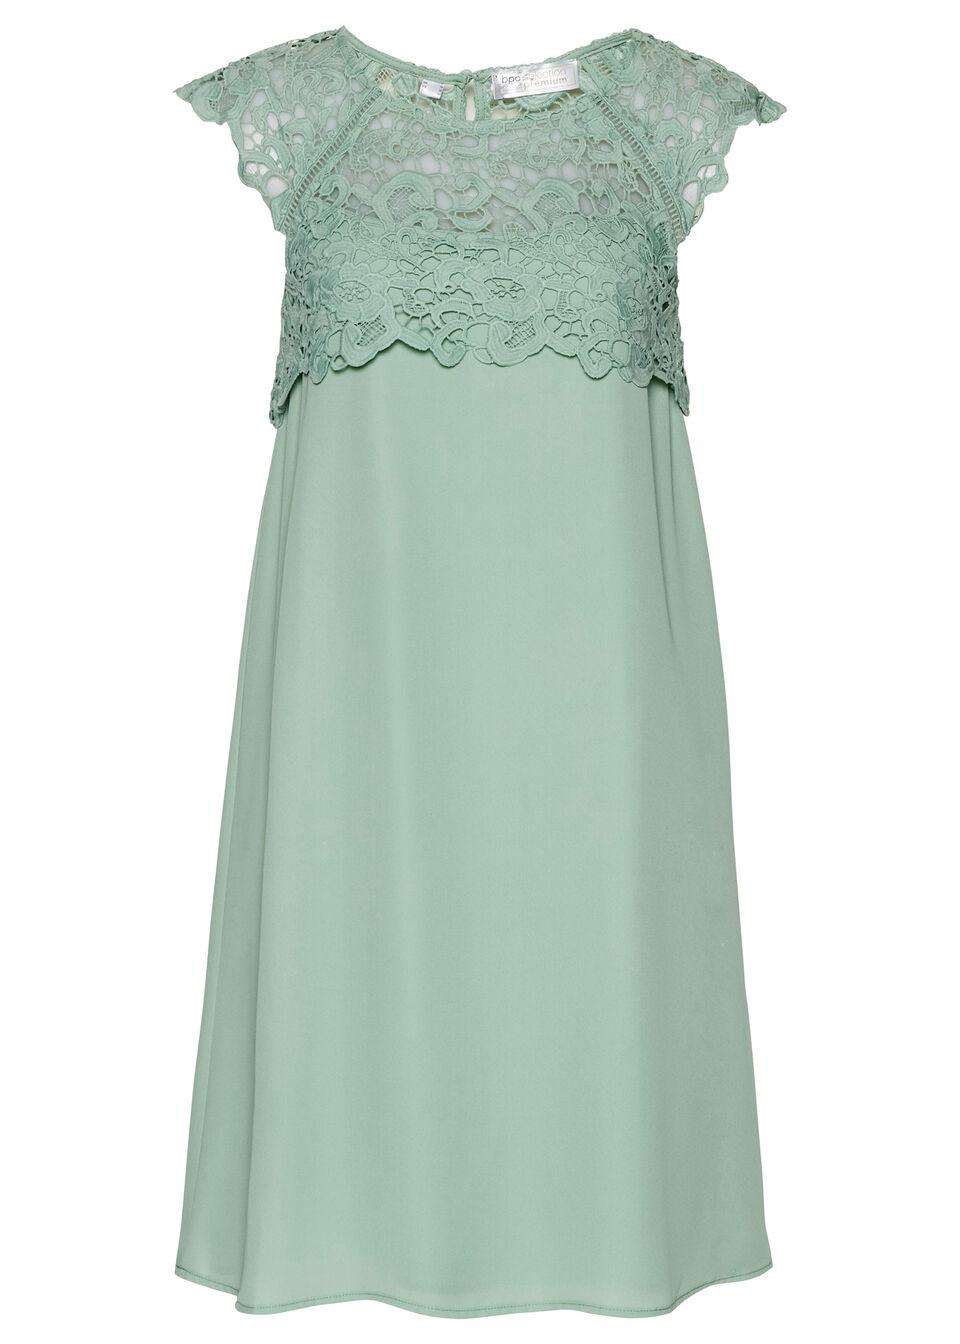 Sukienka szyfonowa z koronką bonprix zielony pastelowy